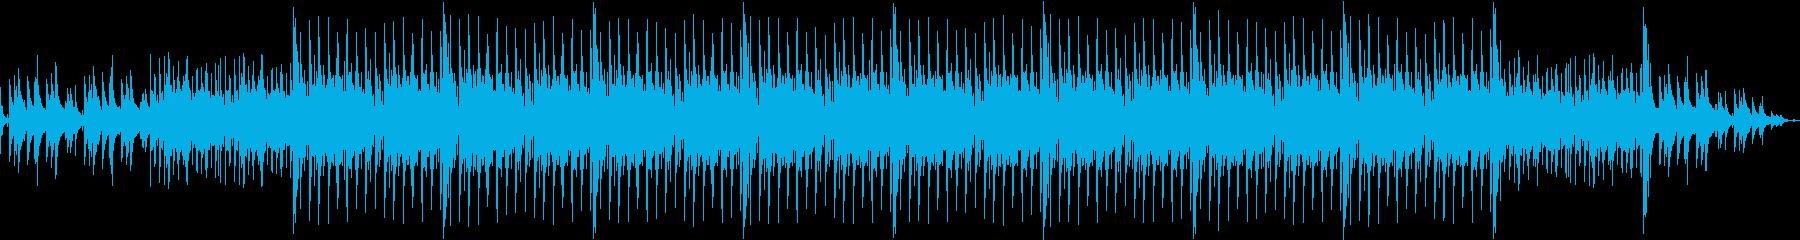 琴 太鼓 和風 お洒落の再生済みの波形